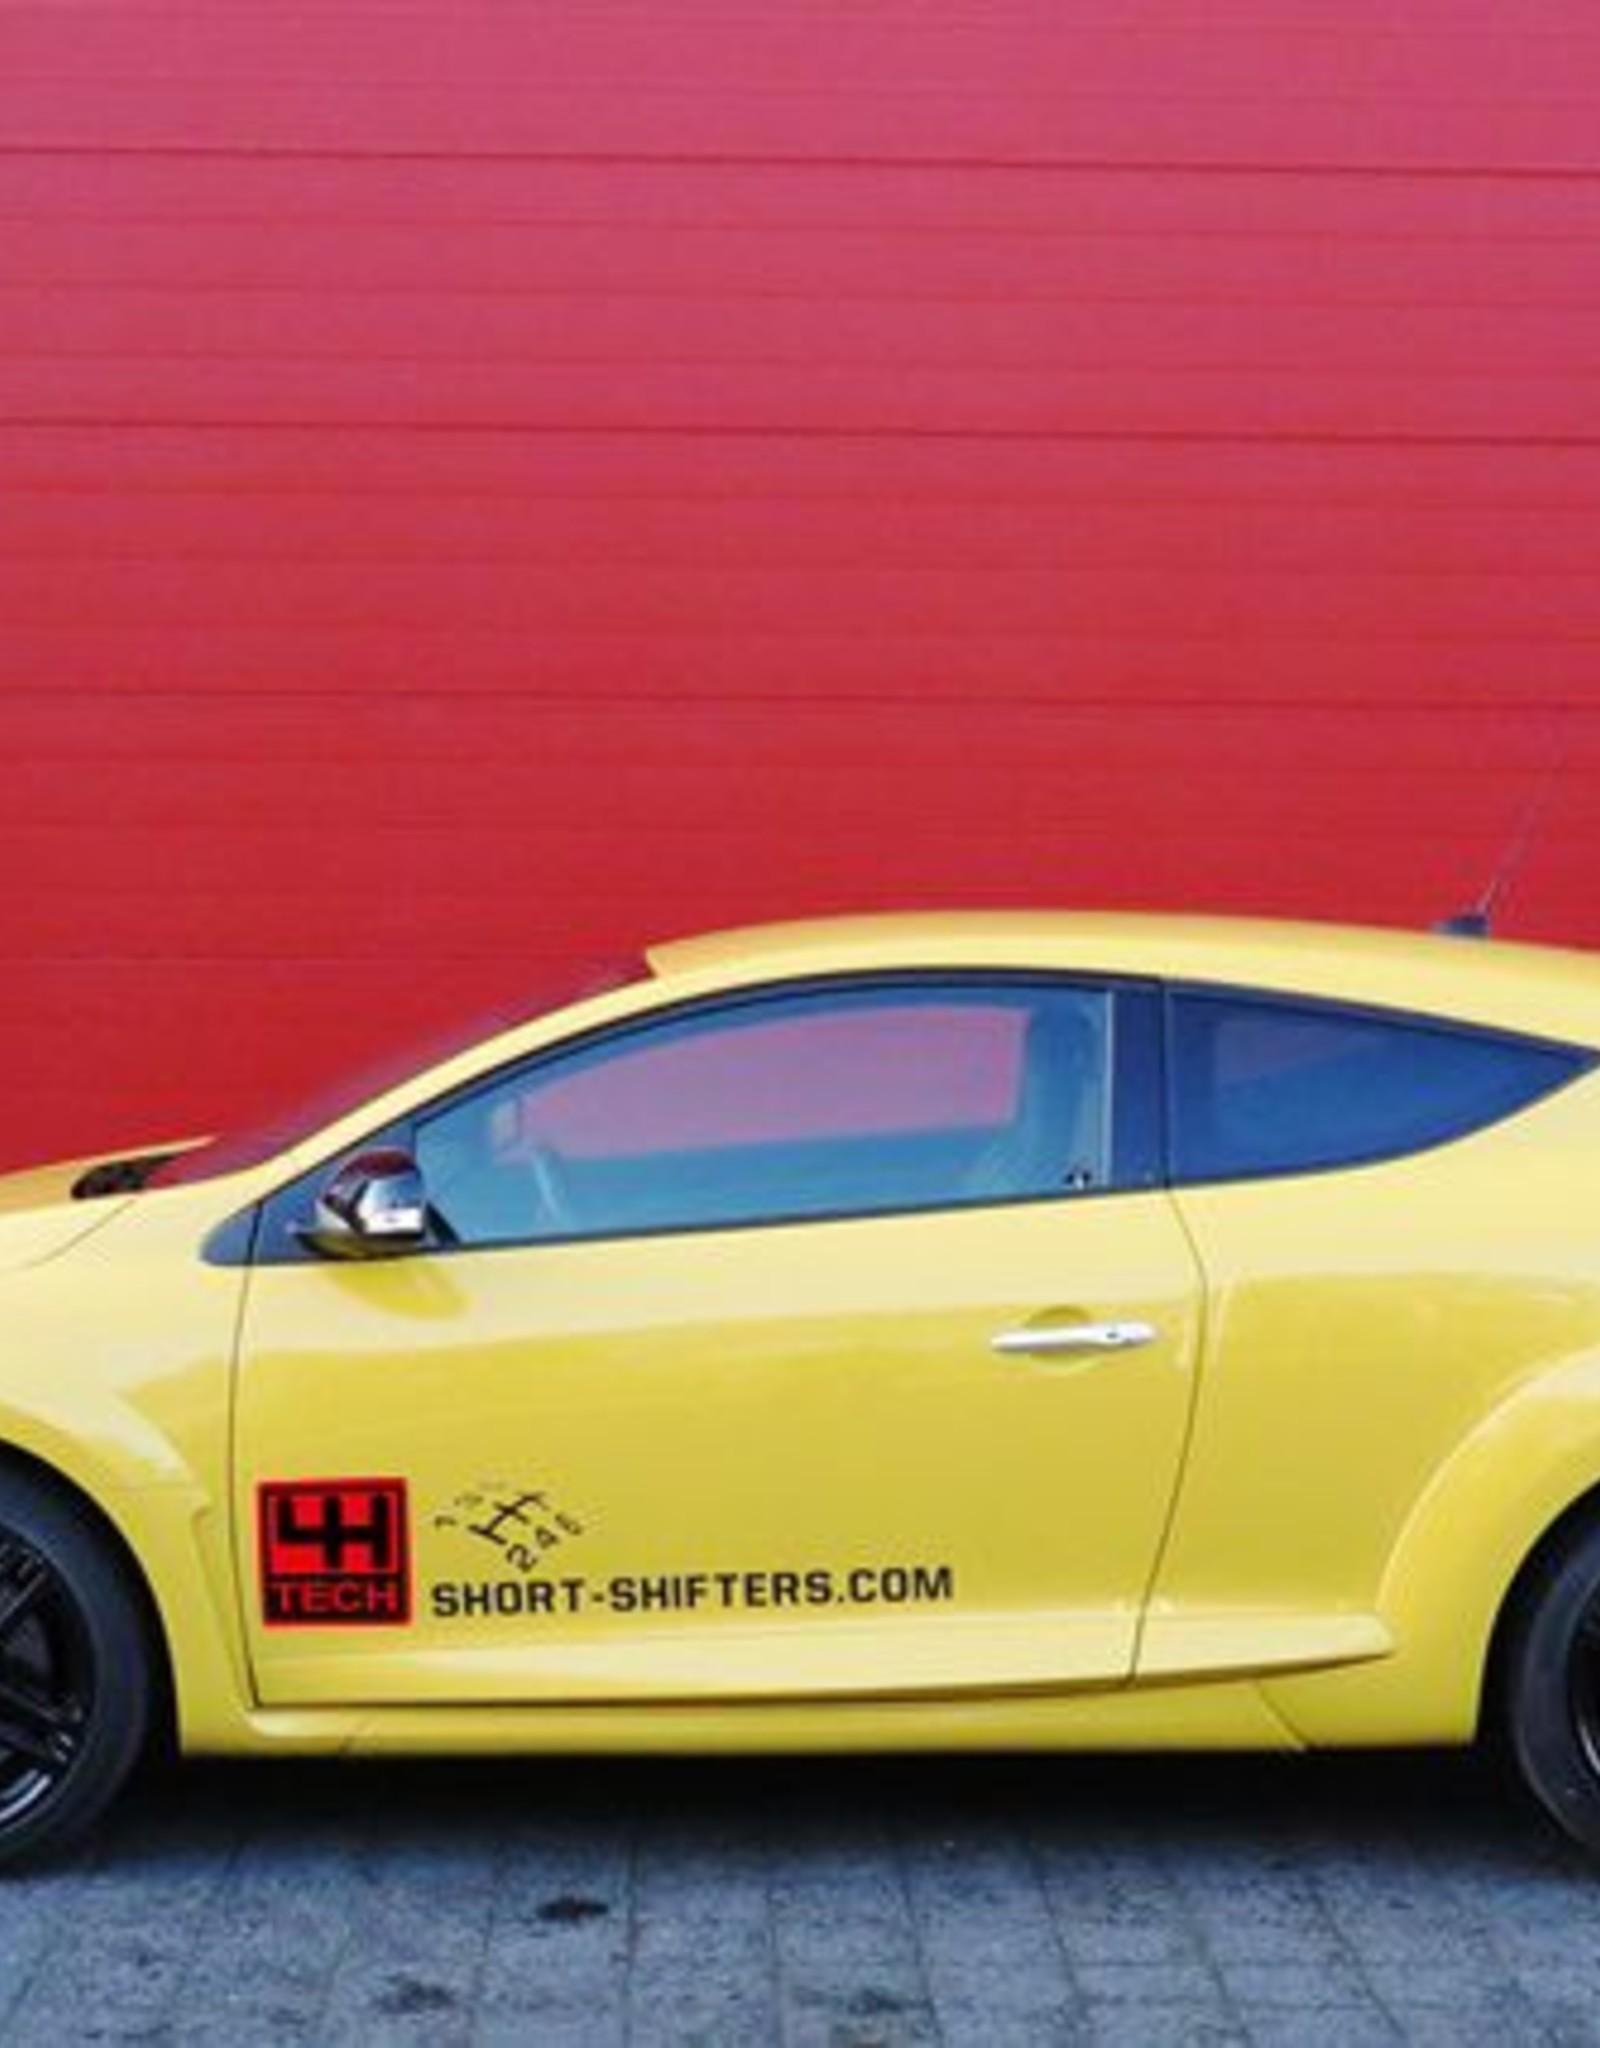 PK4018-Shift for Renault Megane 3 RS (MK3)